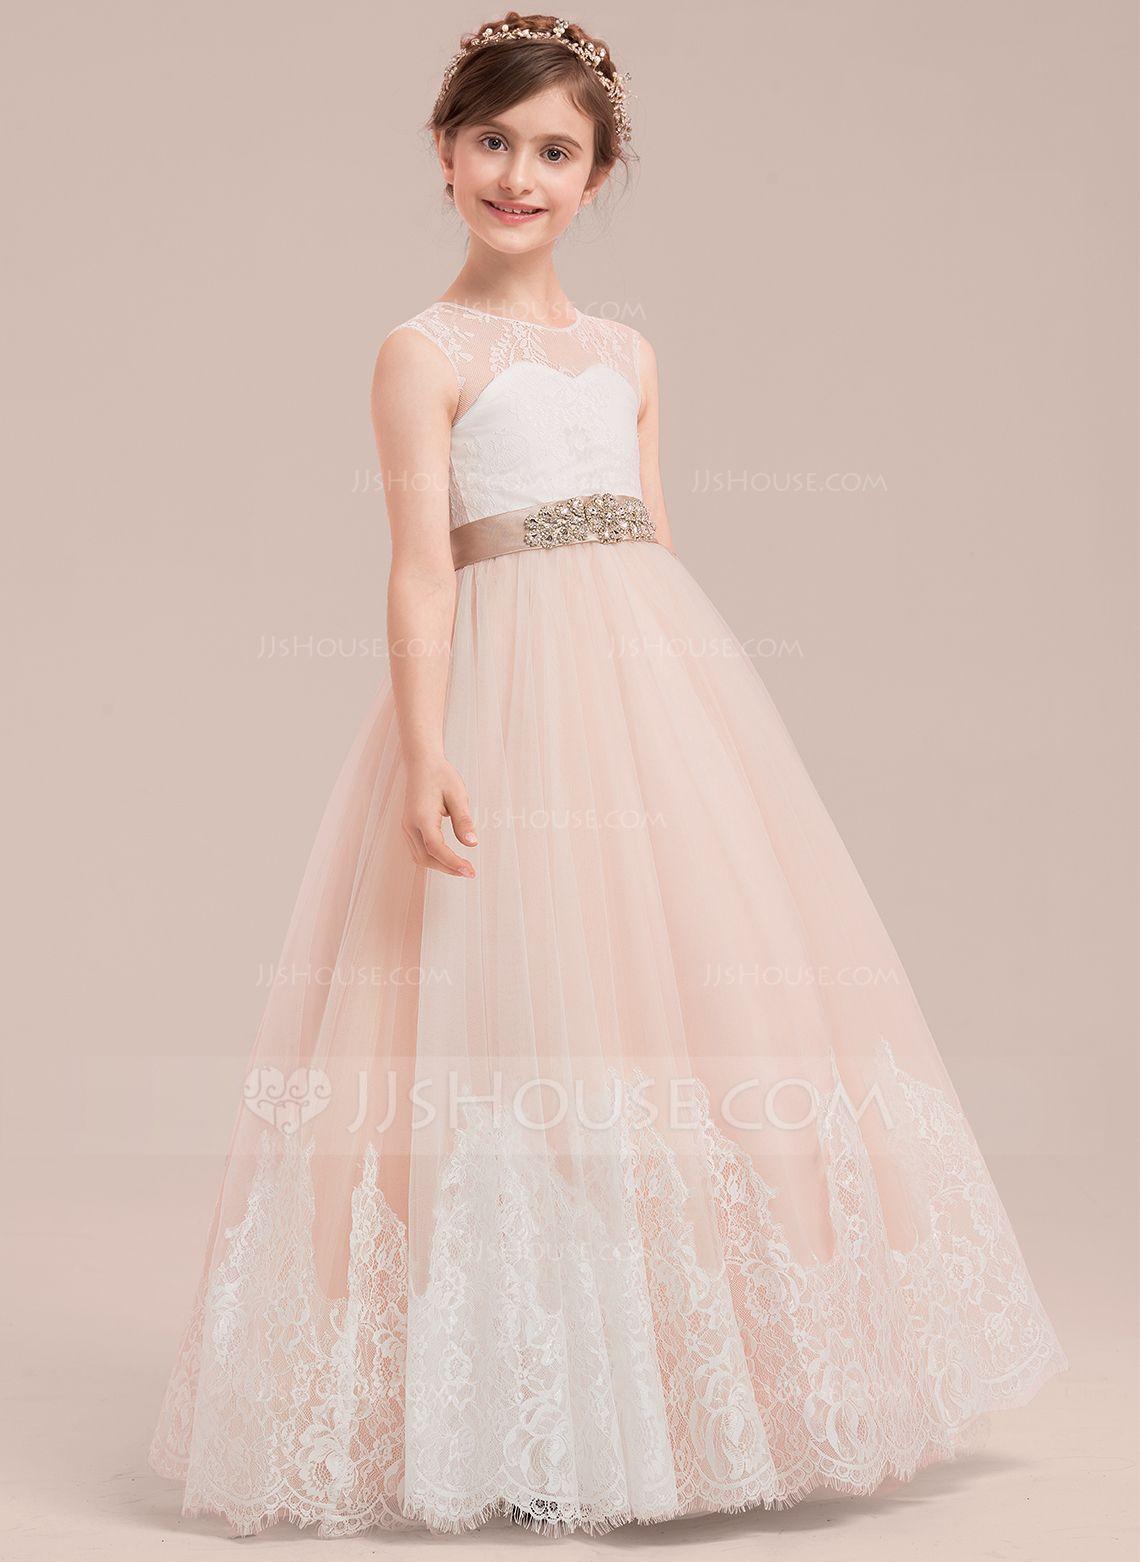 Ball gown floorlength flower girl dress satintullelace